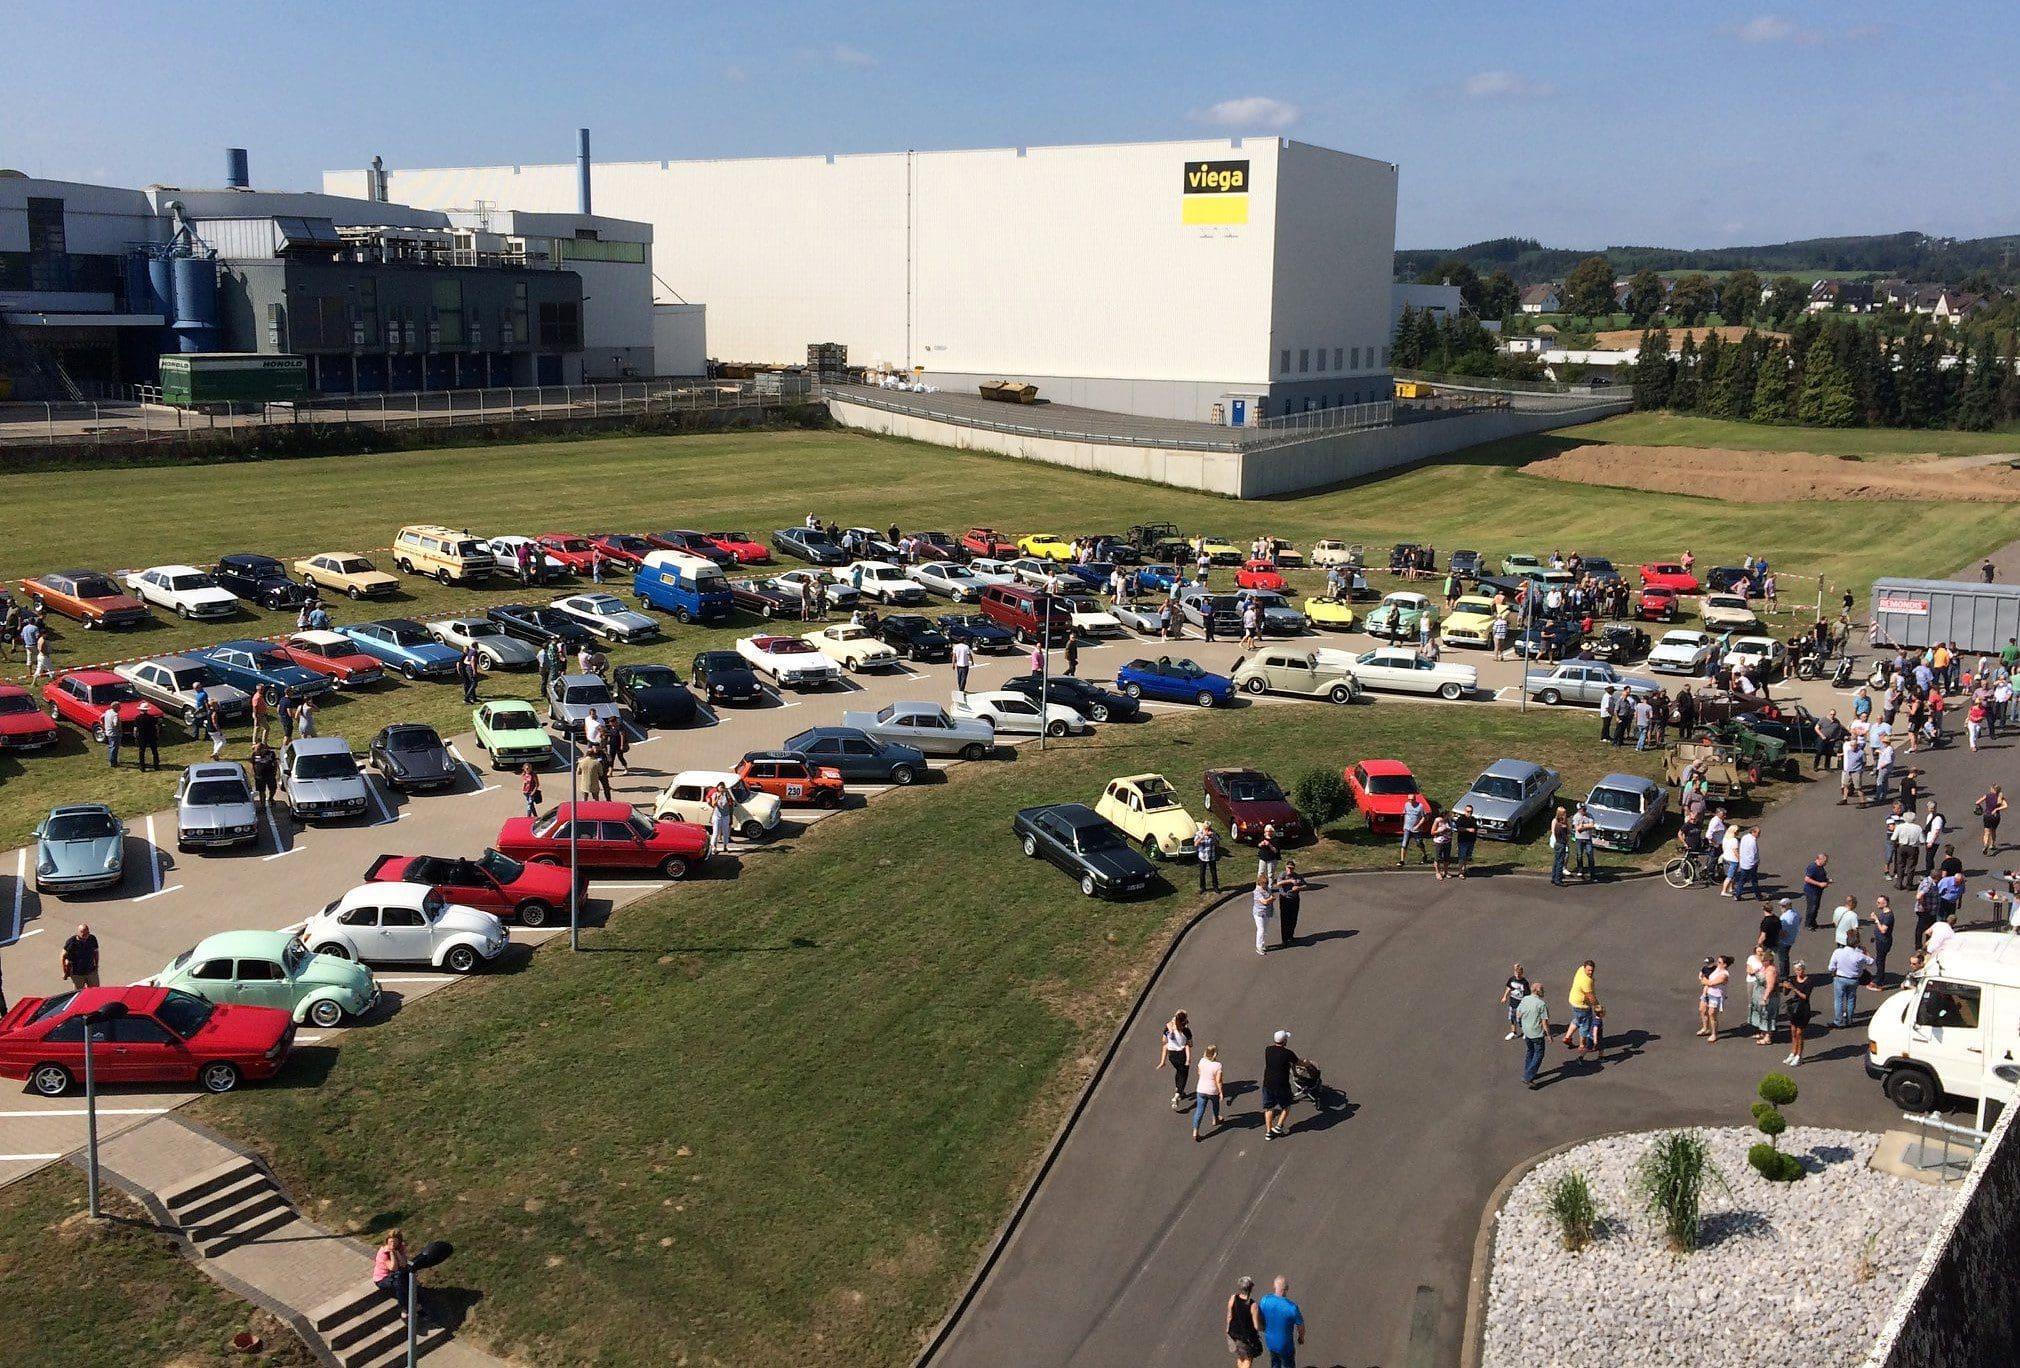 2. Sonntagsausfahrt in 2019, Oldtimertreff in Attendorn auf dem Gelände der Firma AFK @ AFK Andreas Franke Kunststoffverarbeitung GmbH & Co. KG